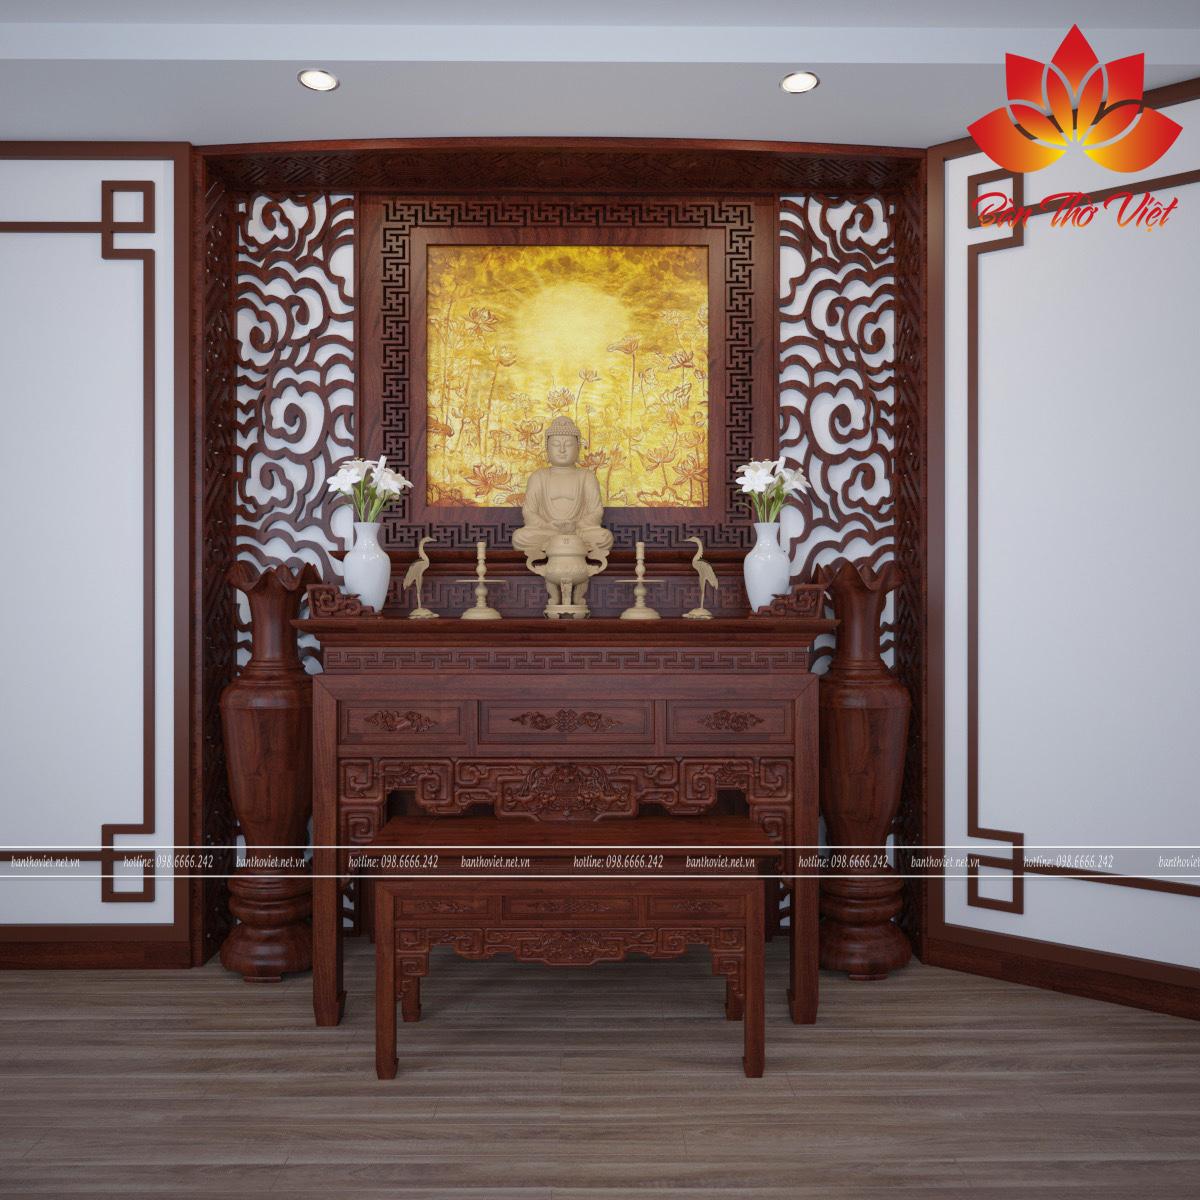 Trọn bộ dịch vụ thi công phòng thờ ở Việt Trì từ A - Z sẽ không khiến bạn phải thất vọng